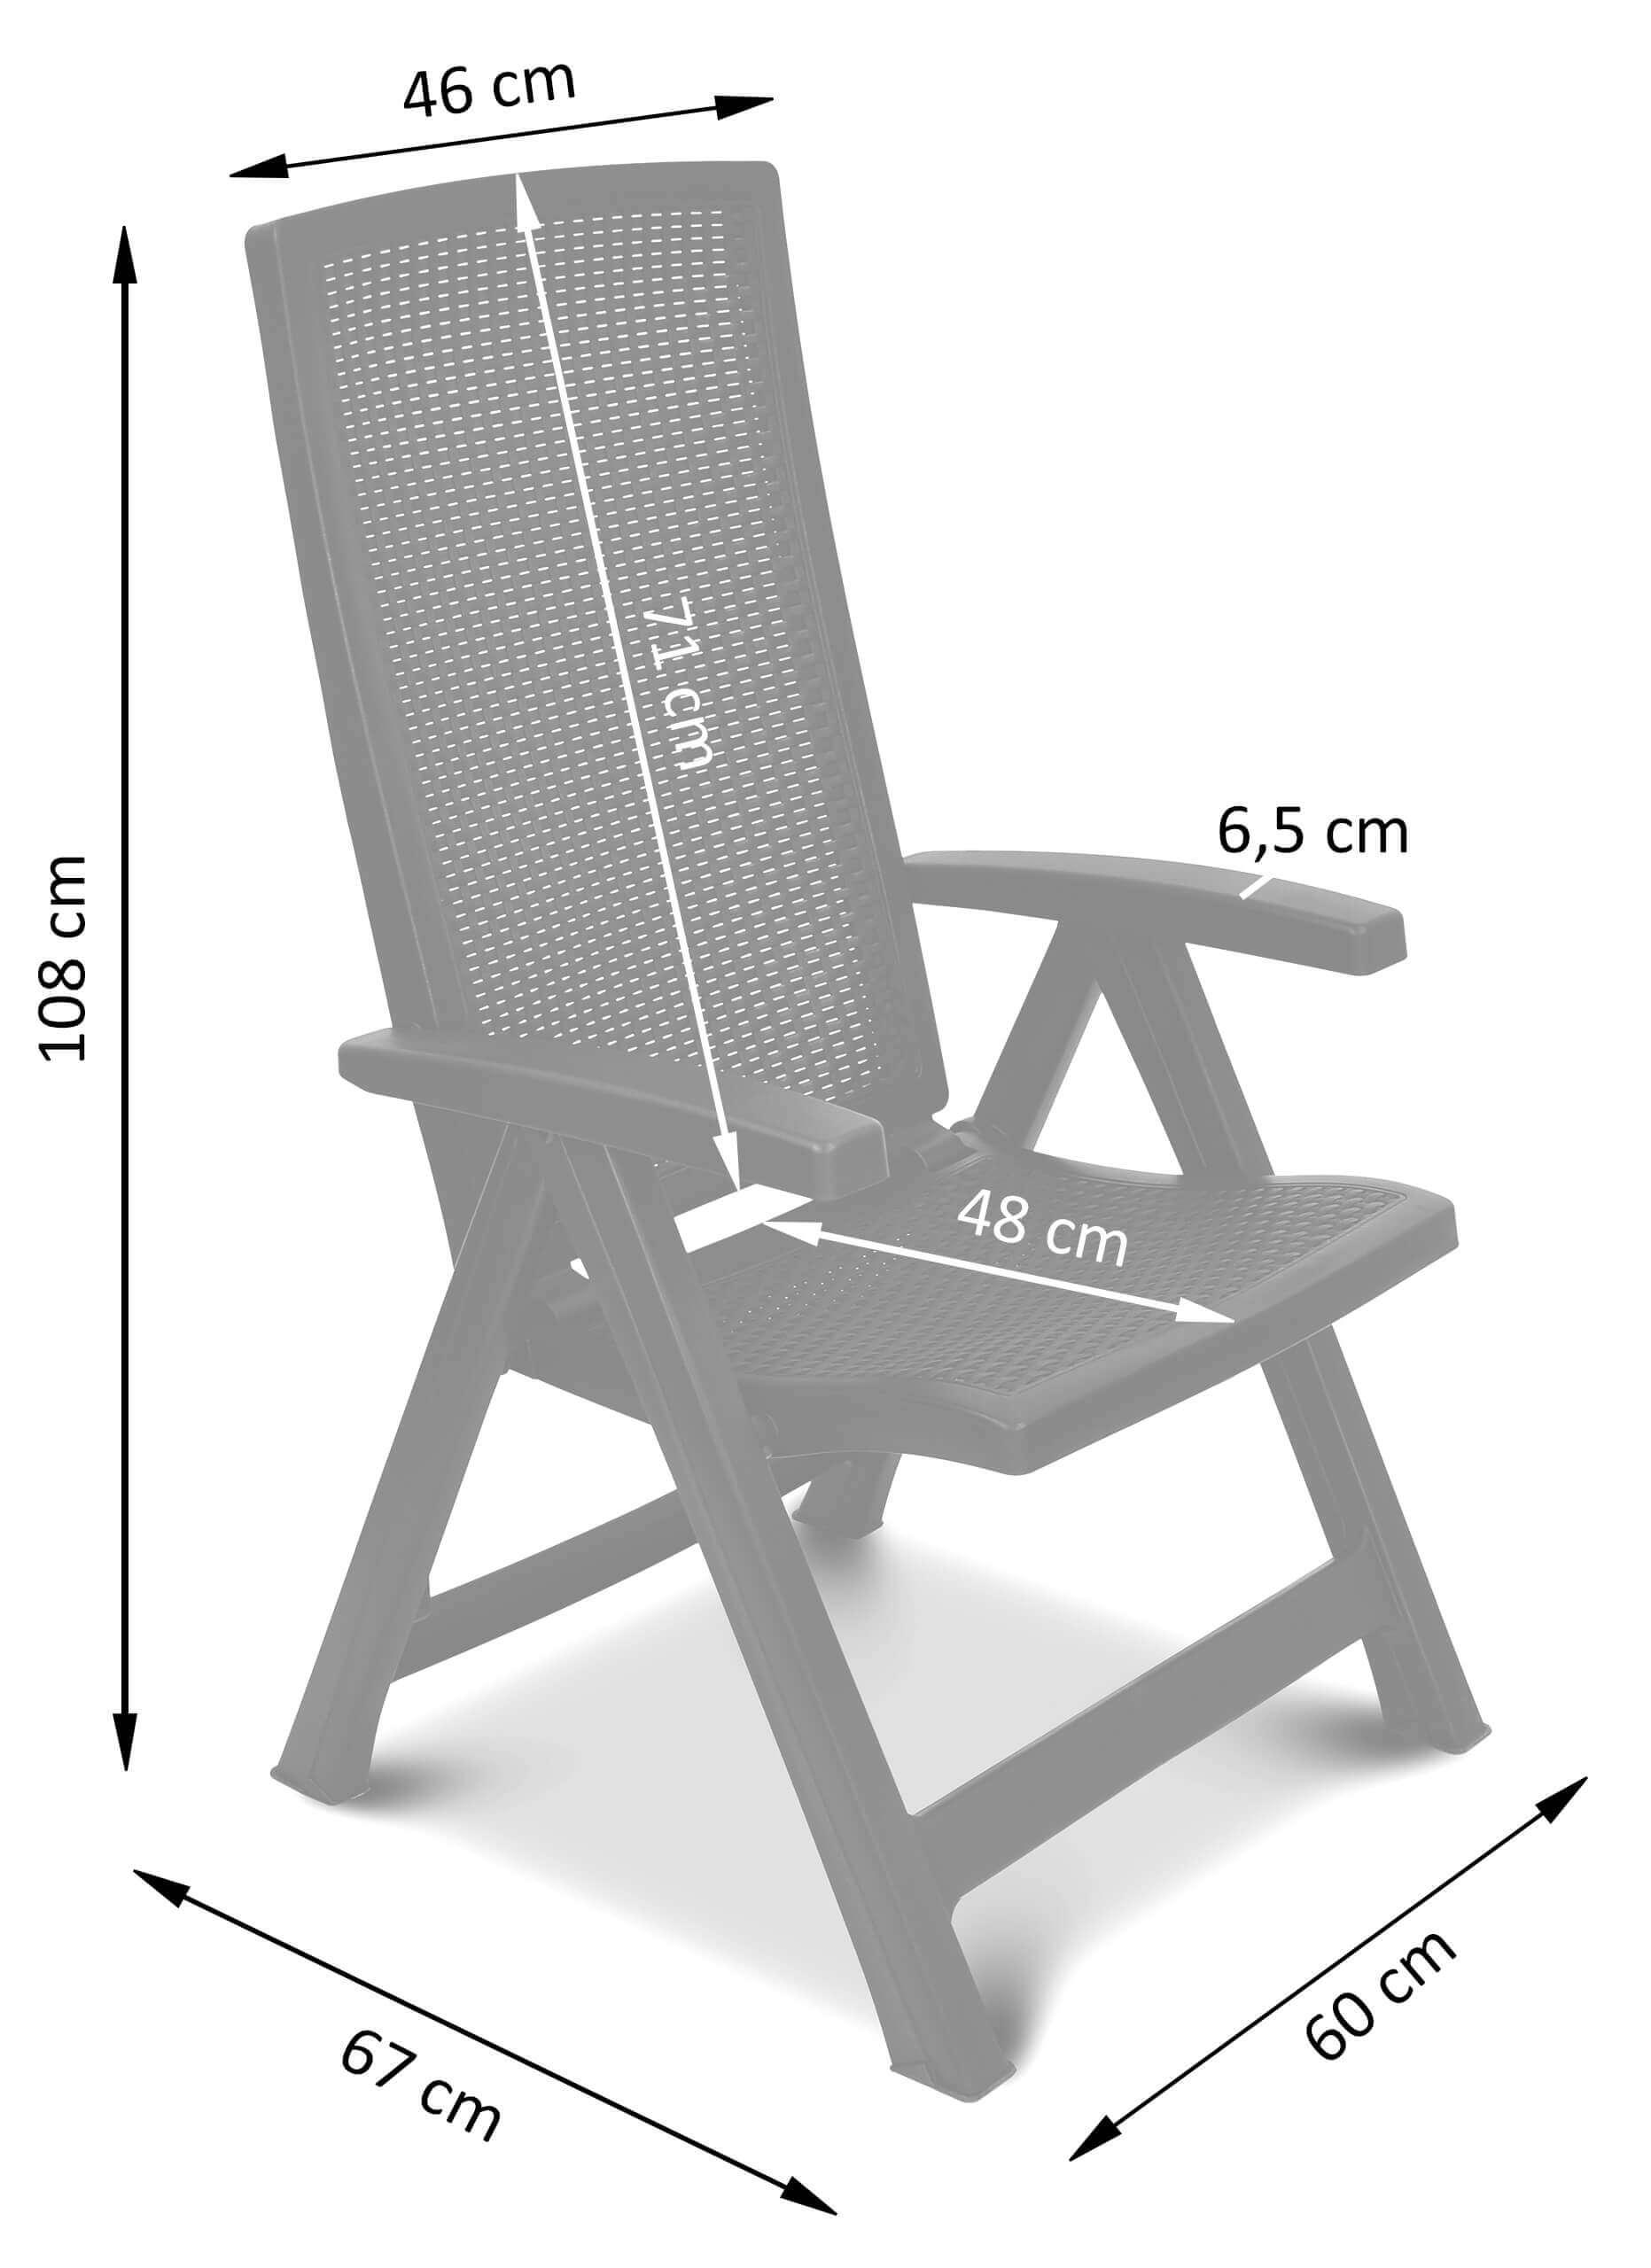 Wymiary regulowanego krzesła Montreal